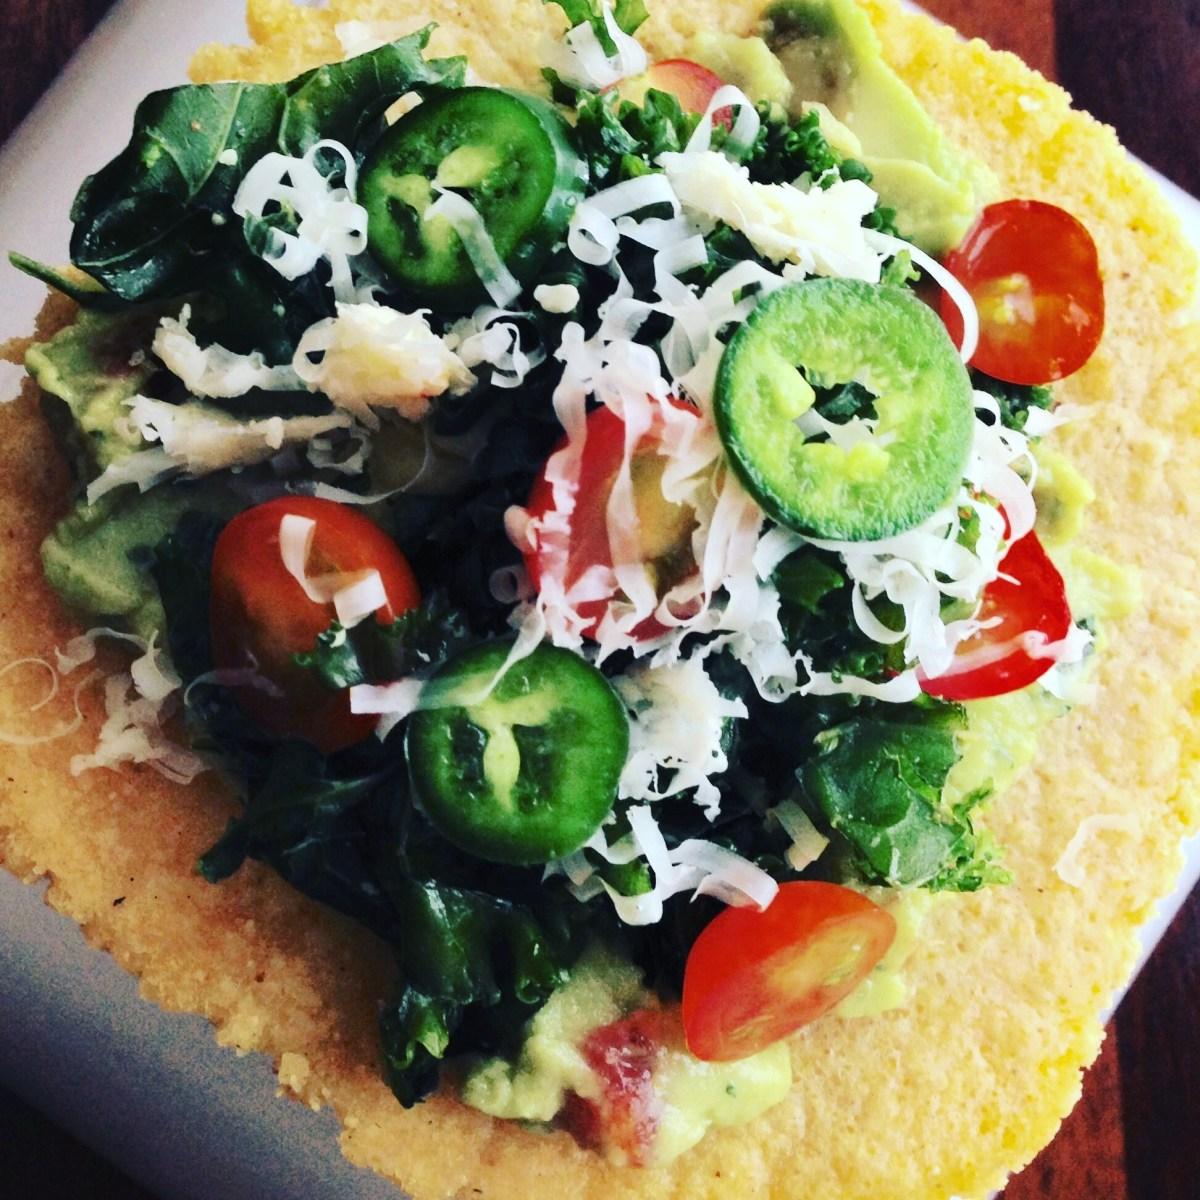 Taco Tuesday: It's Fun To Make Homemade Corn Tortillas